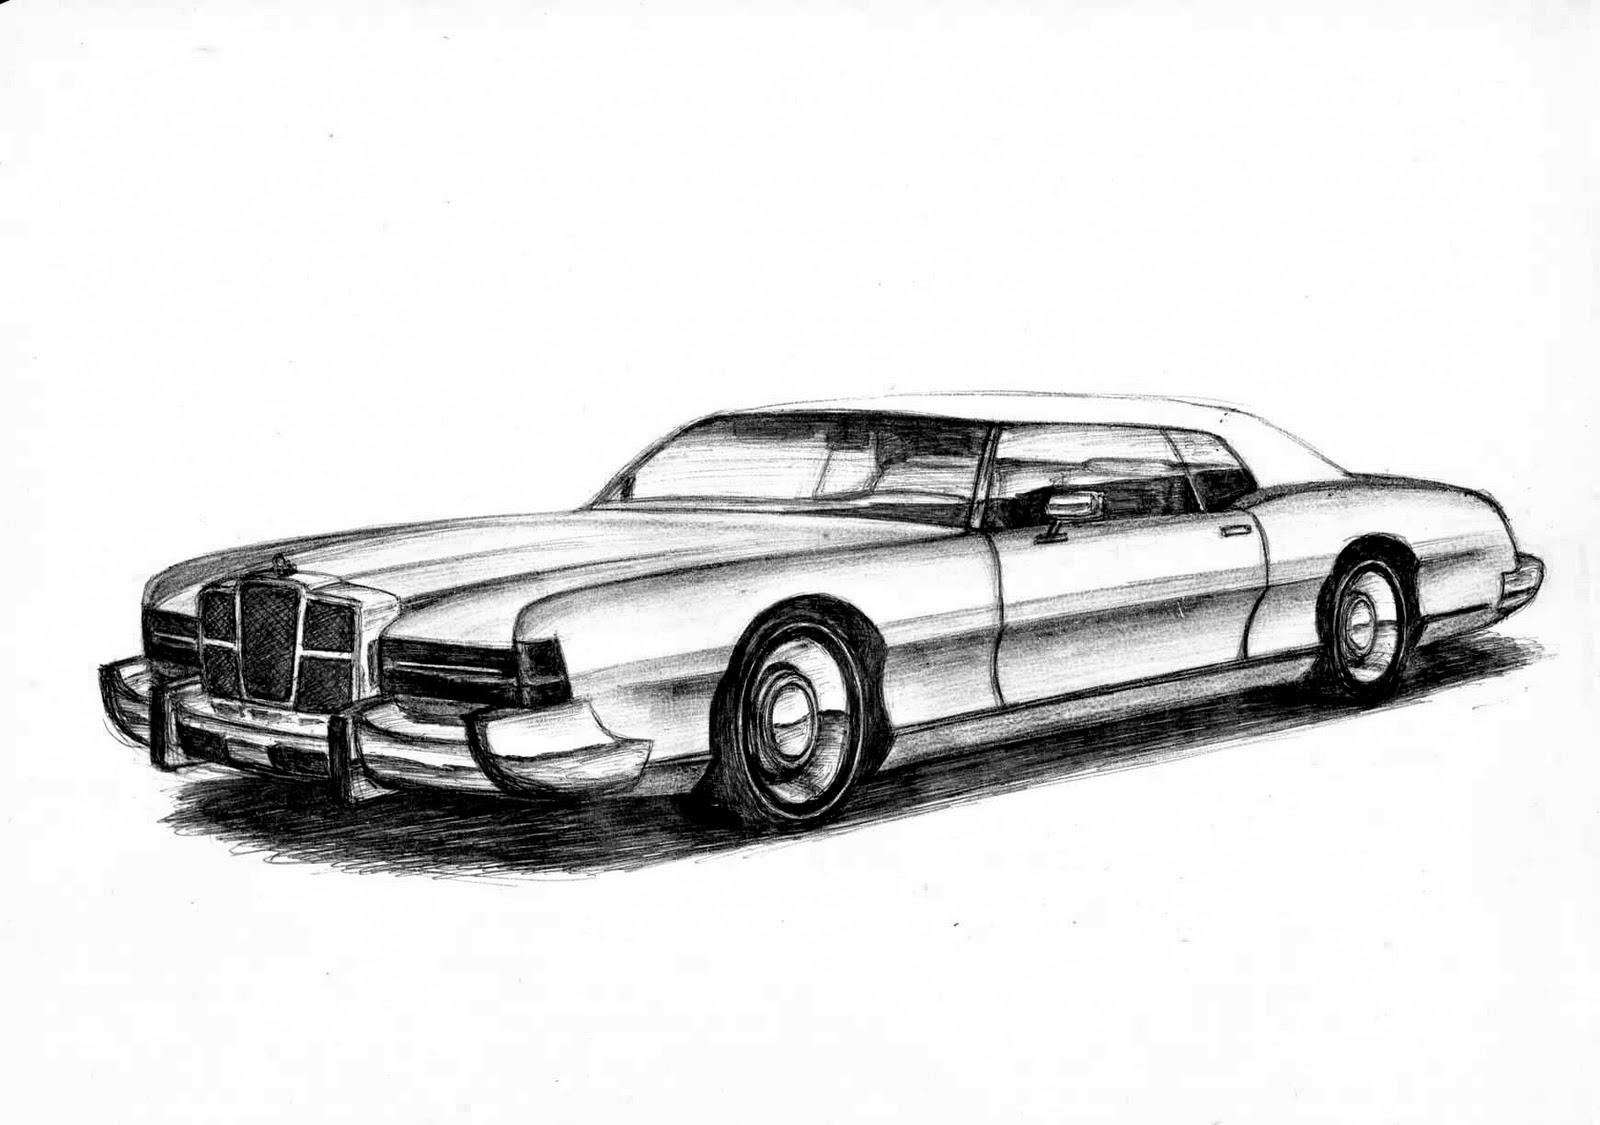 banzay wind sketch: Old Style Car Sketches